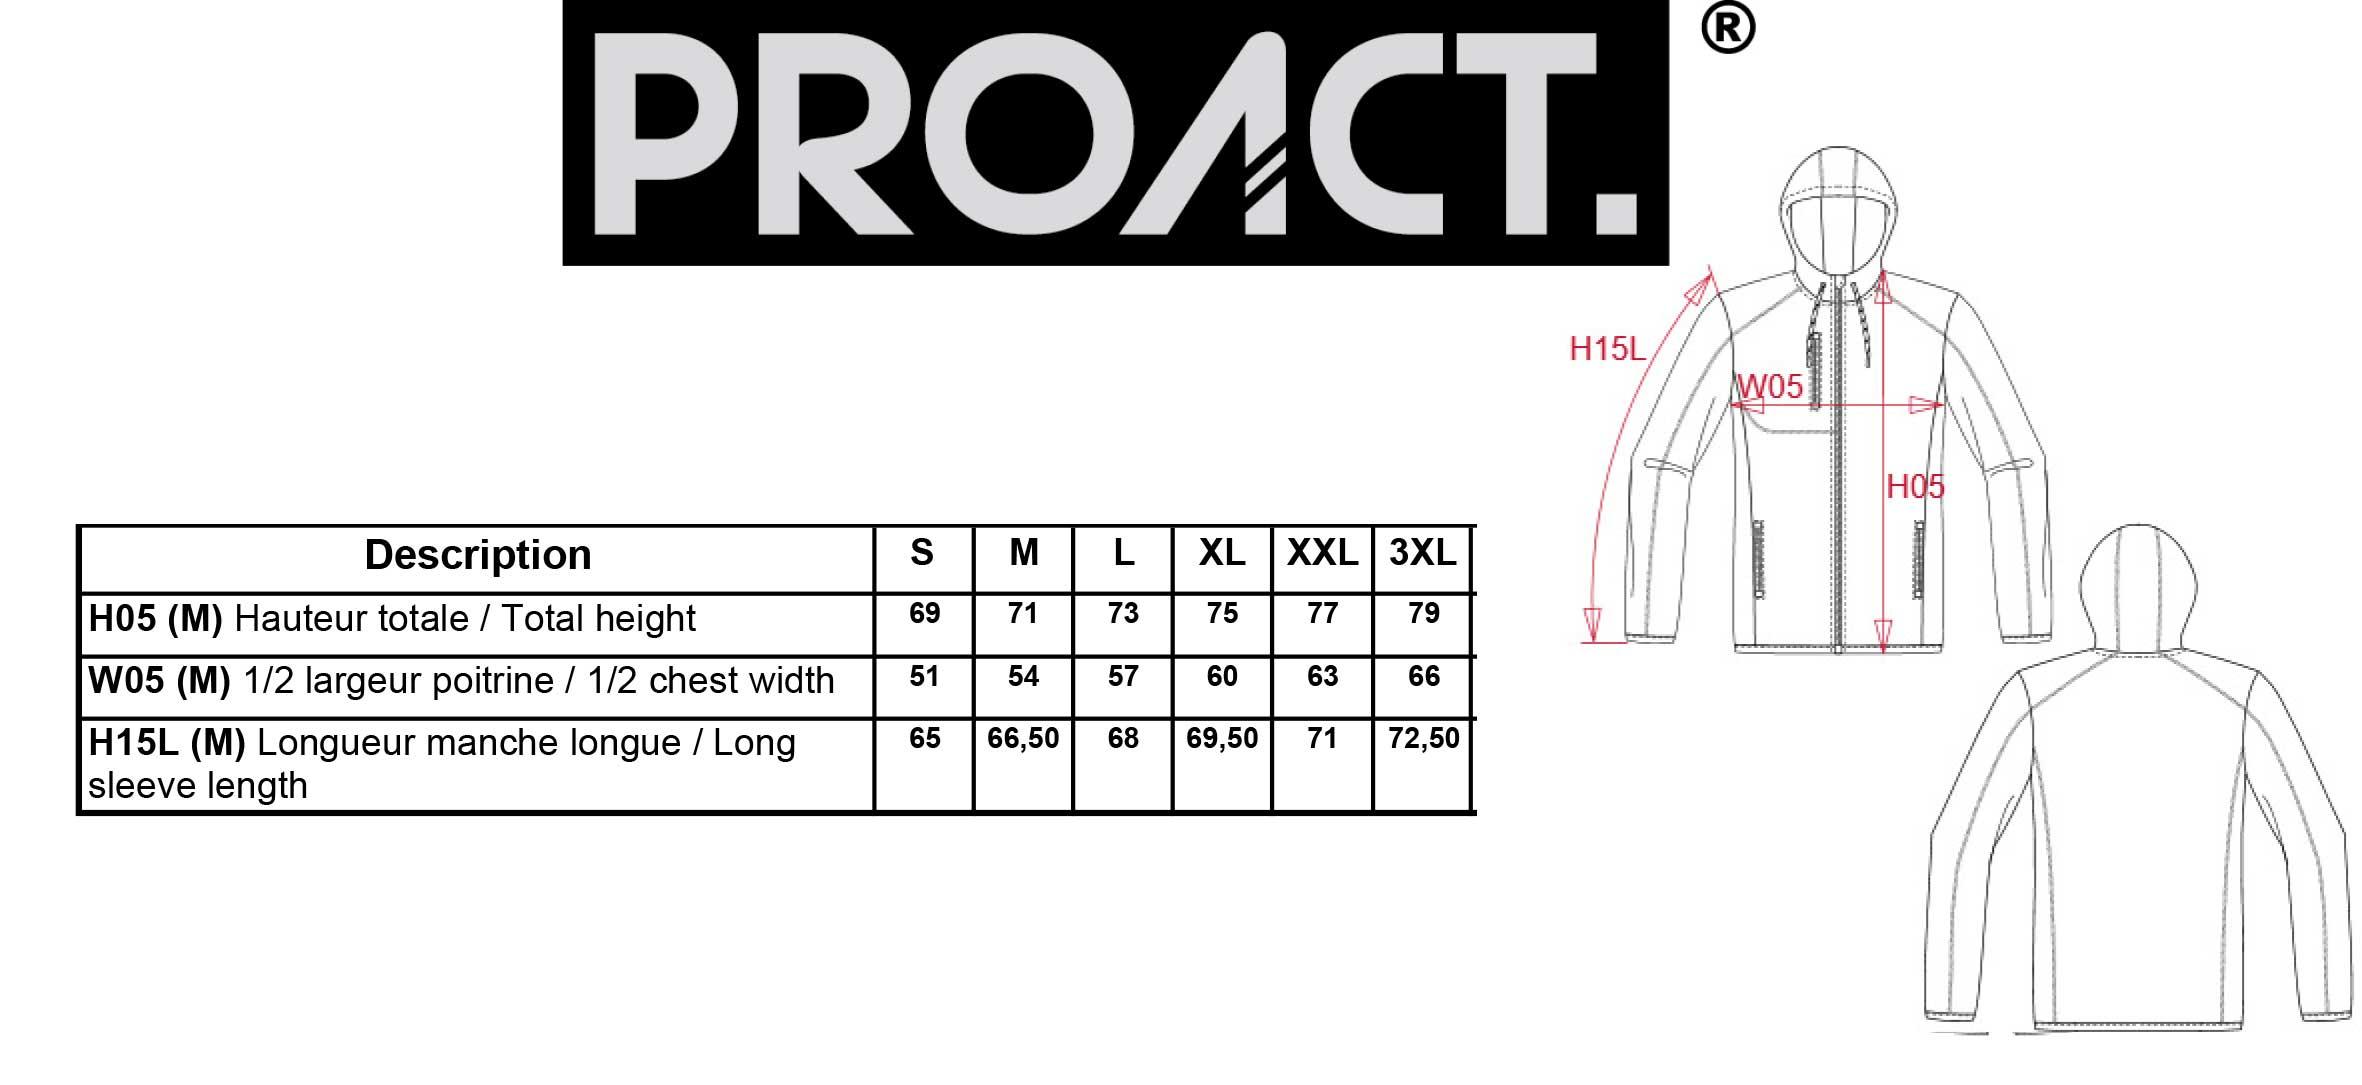 Guide des tailles pour choisir sa veste proact